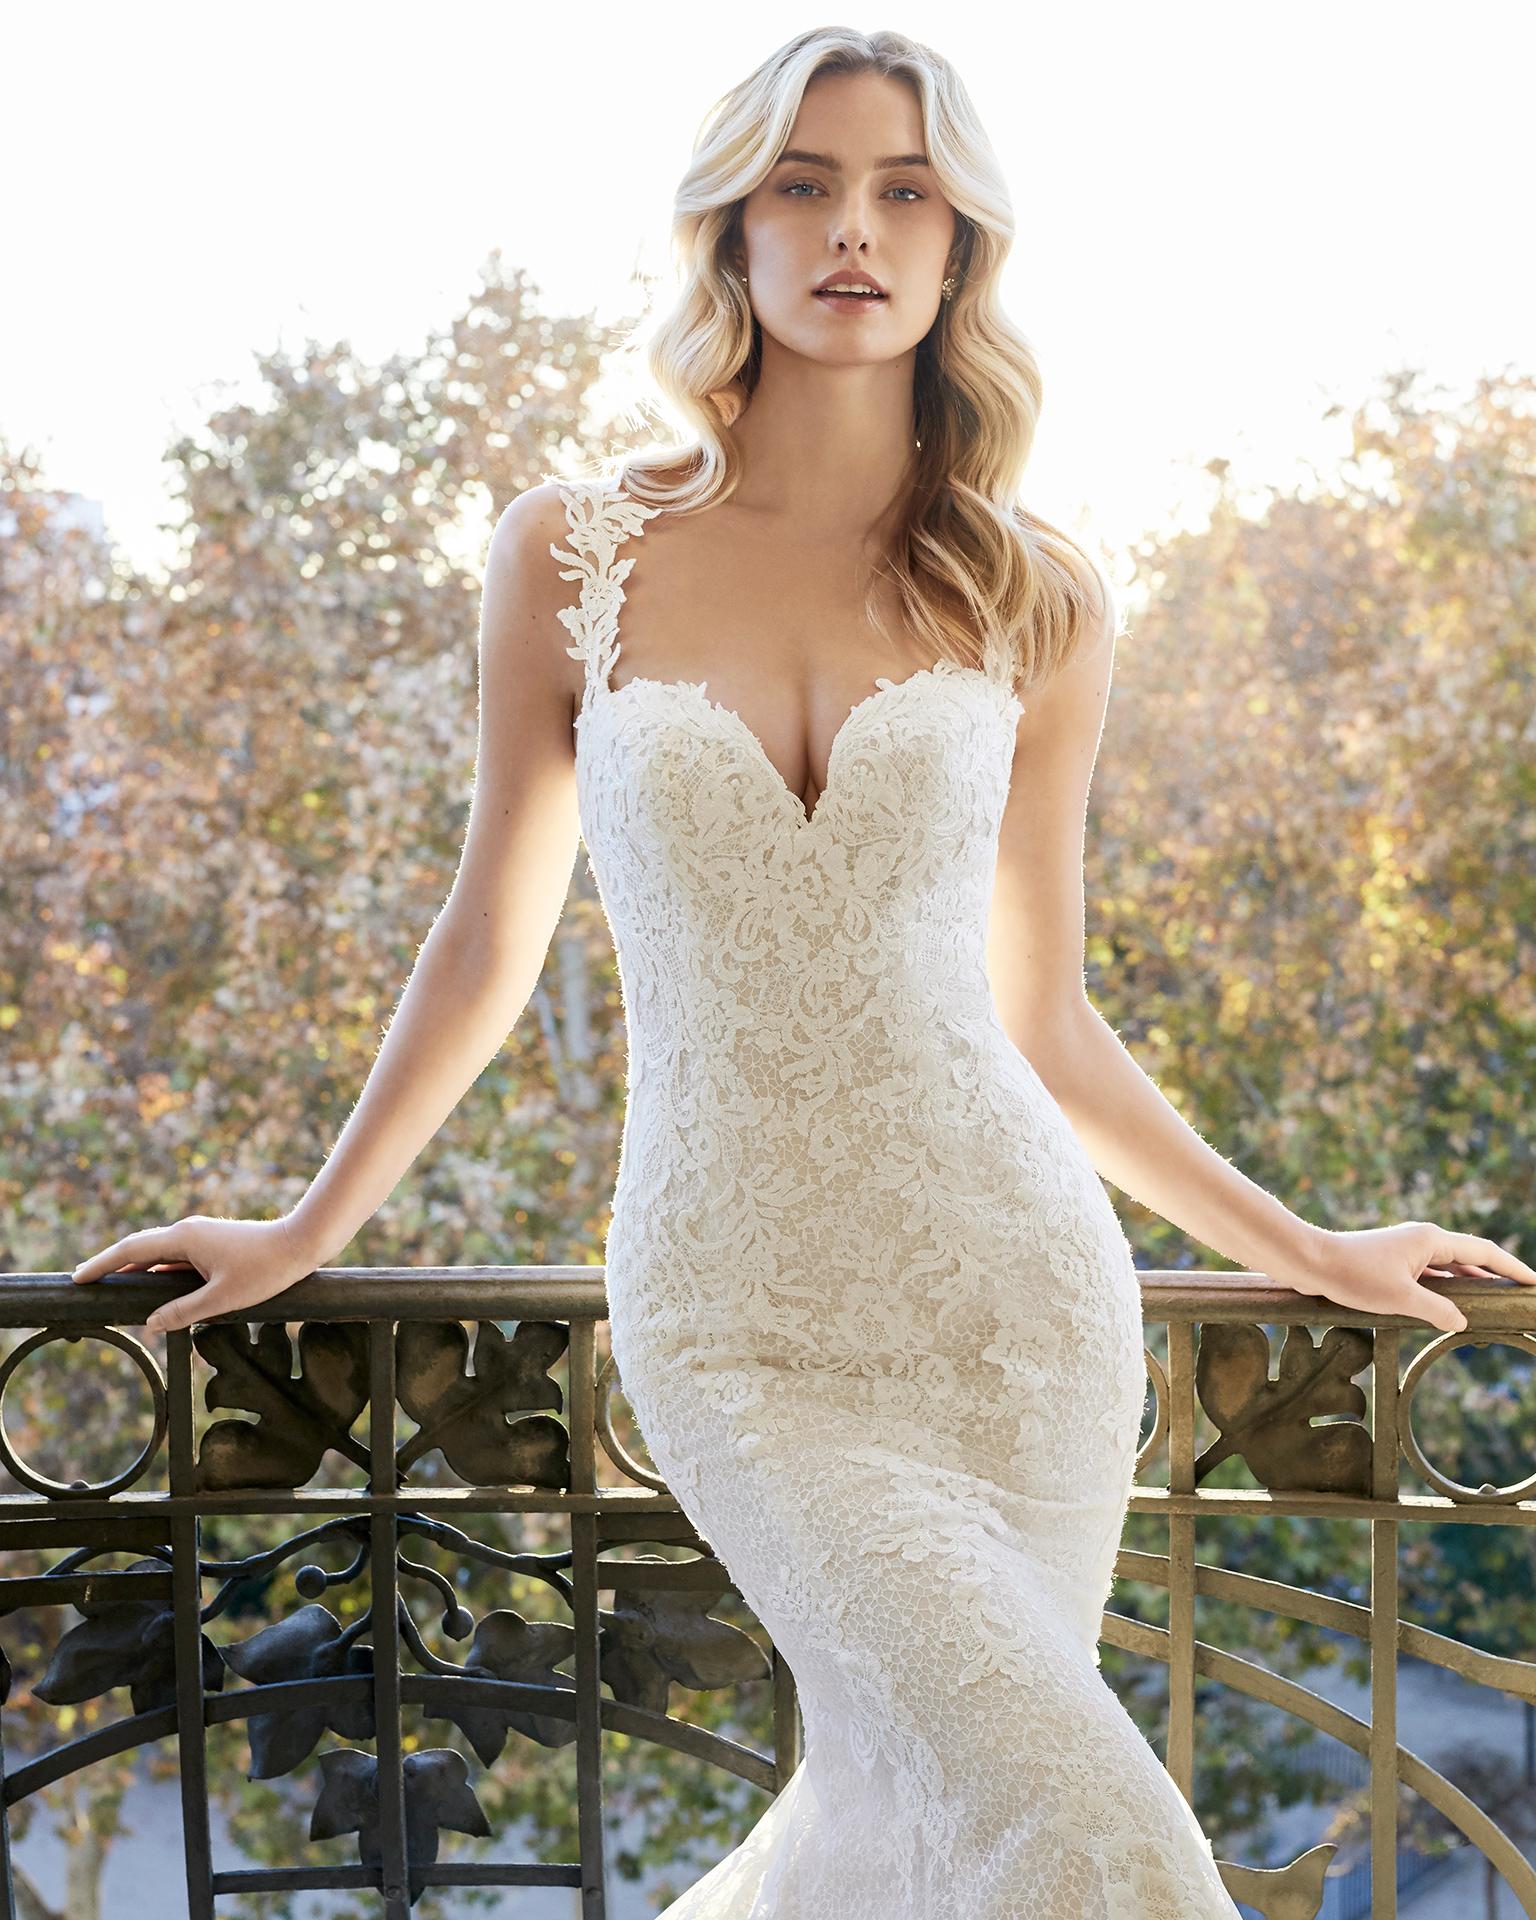 ea6b12b6e Vestido de noiva corte sereia de renda. Decote em forma de coração e costas  com